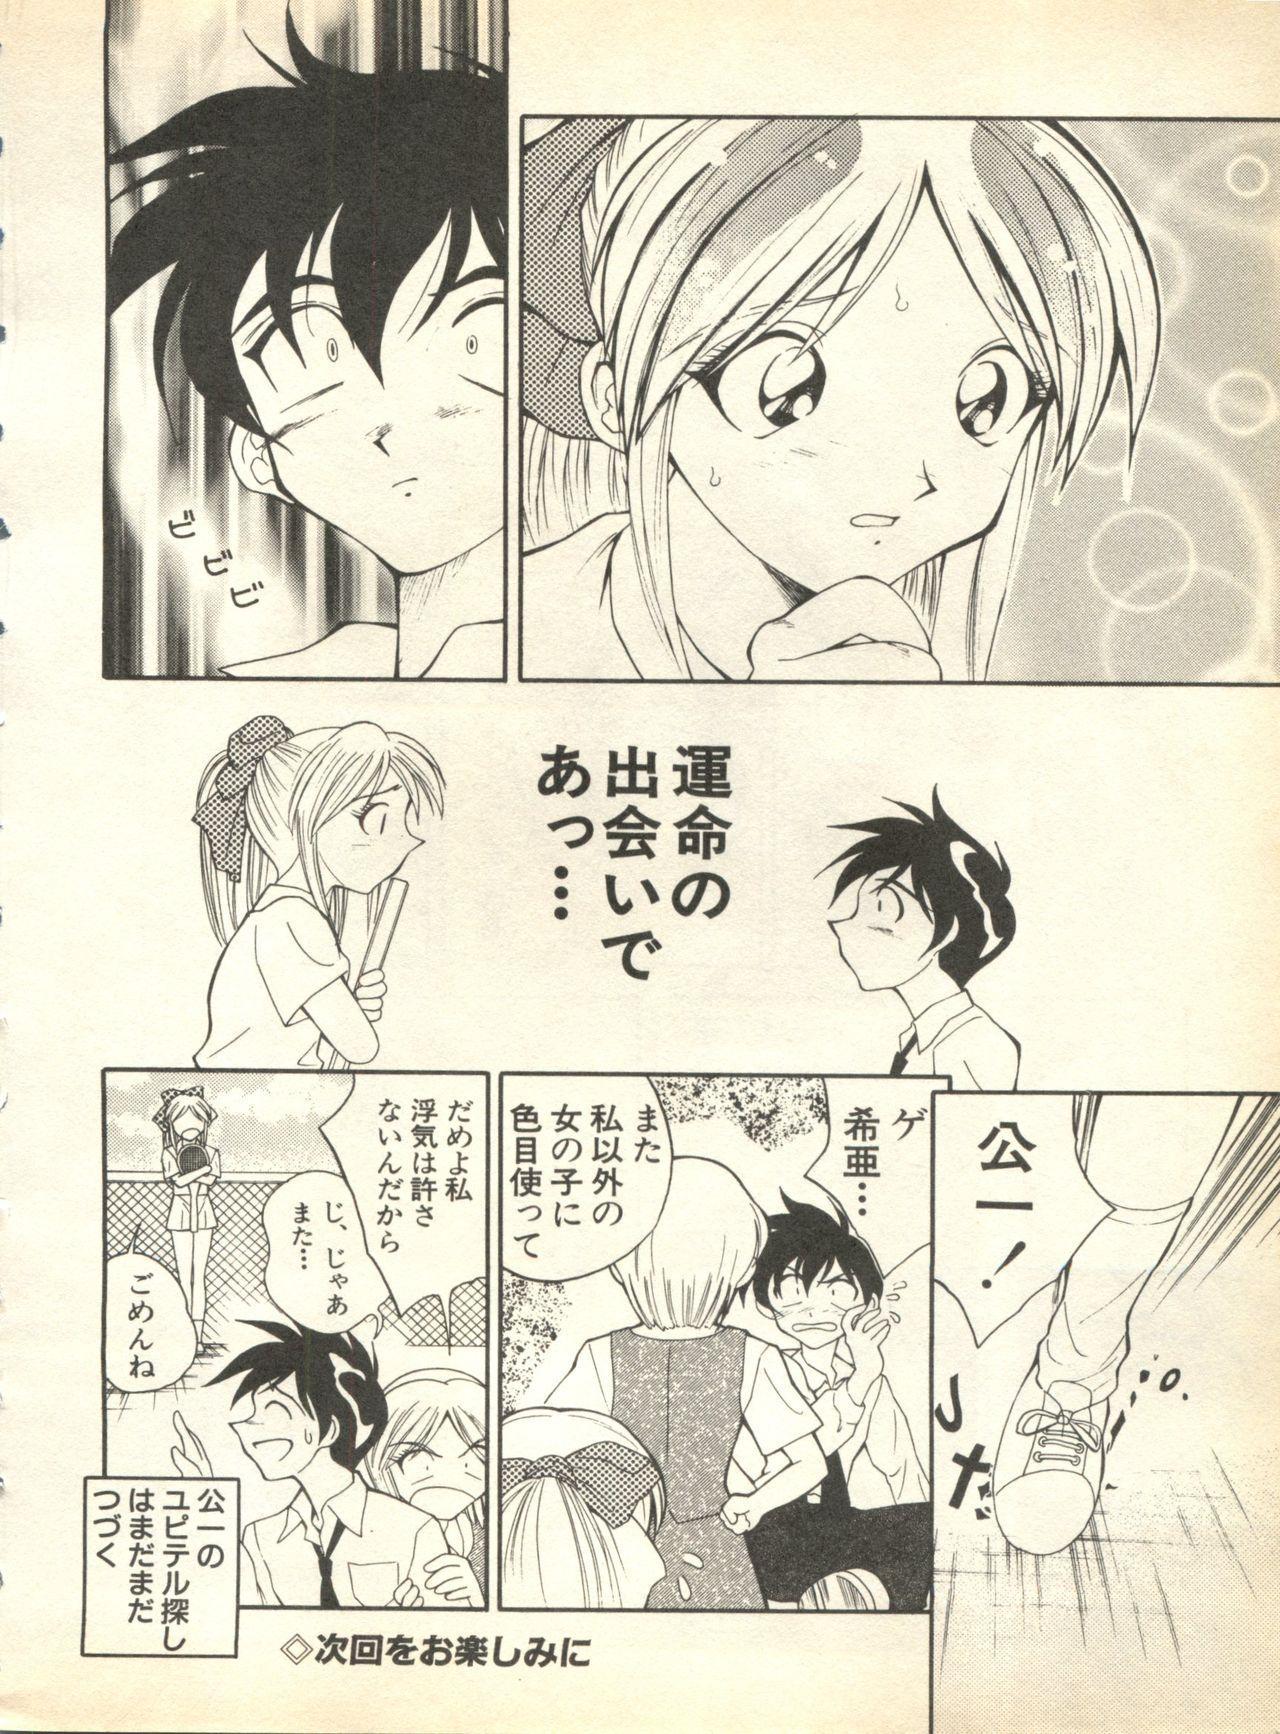 Pai;kuu 1998 October Vol. 13 17